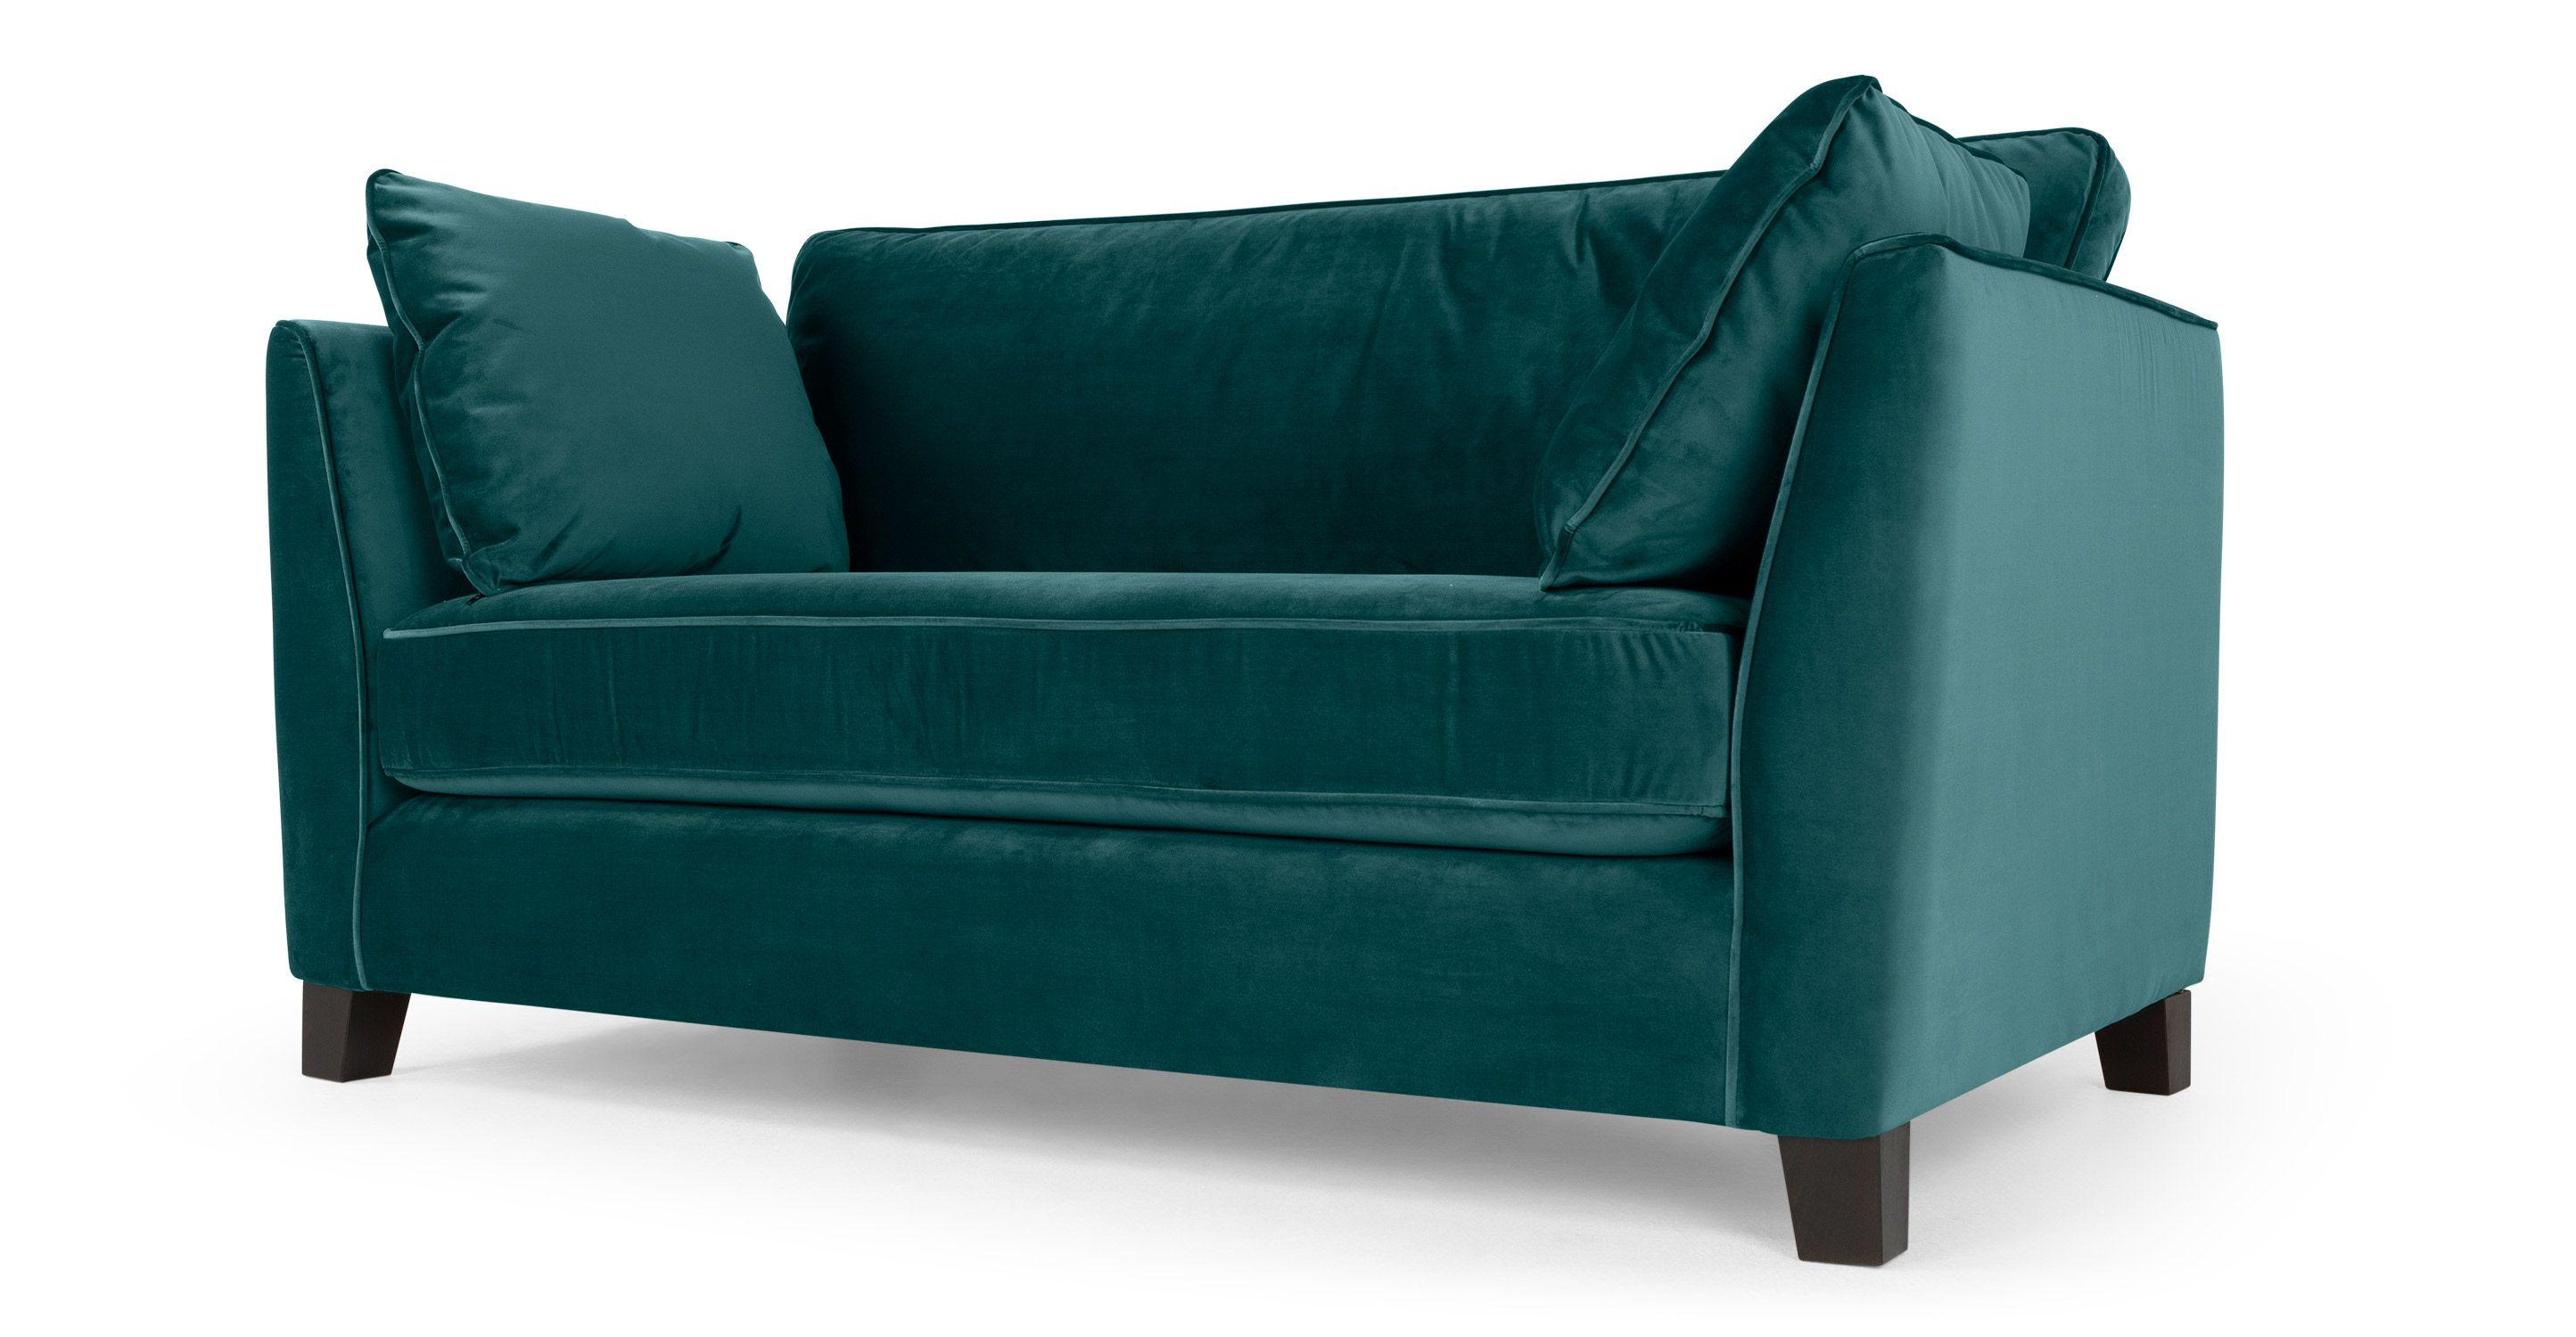 Außergewöhnlich 2 Sitzer Sofa Mit Recamiere Dekoration Von #super --> 2-sitzer Sofas - Wolseley 2-sitzer